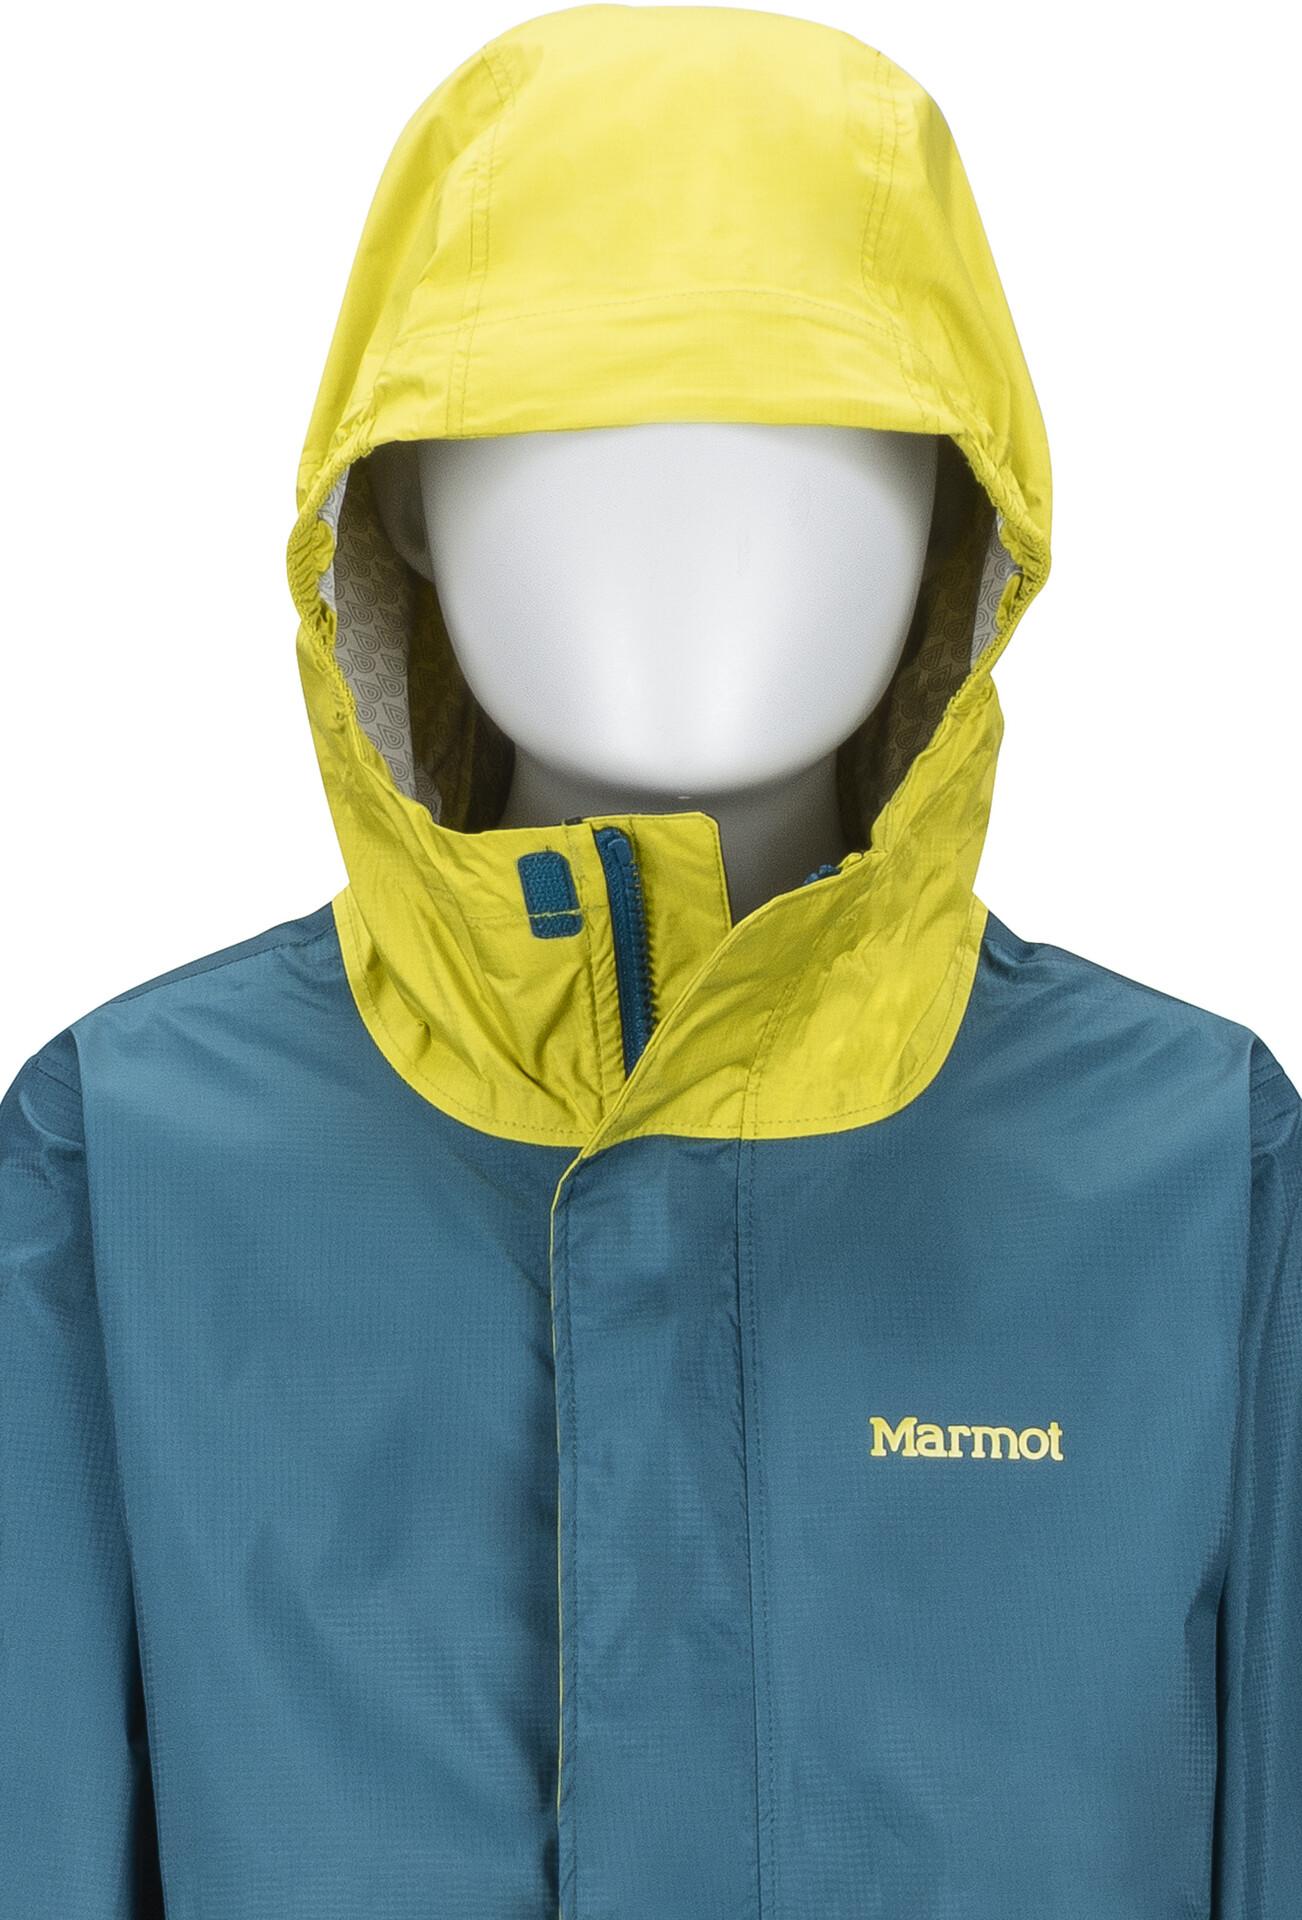 Ni/ños Marmot Boys Precip Eco Chaqueta